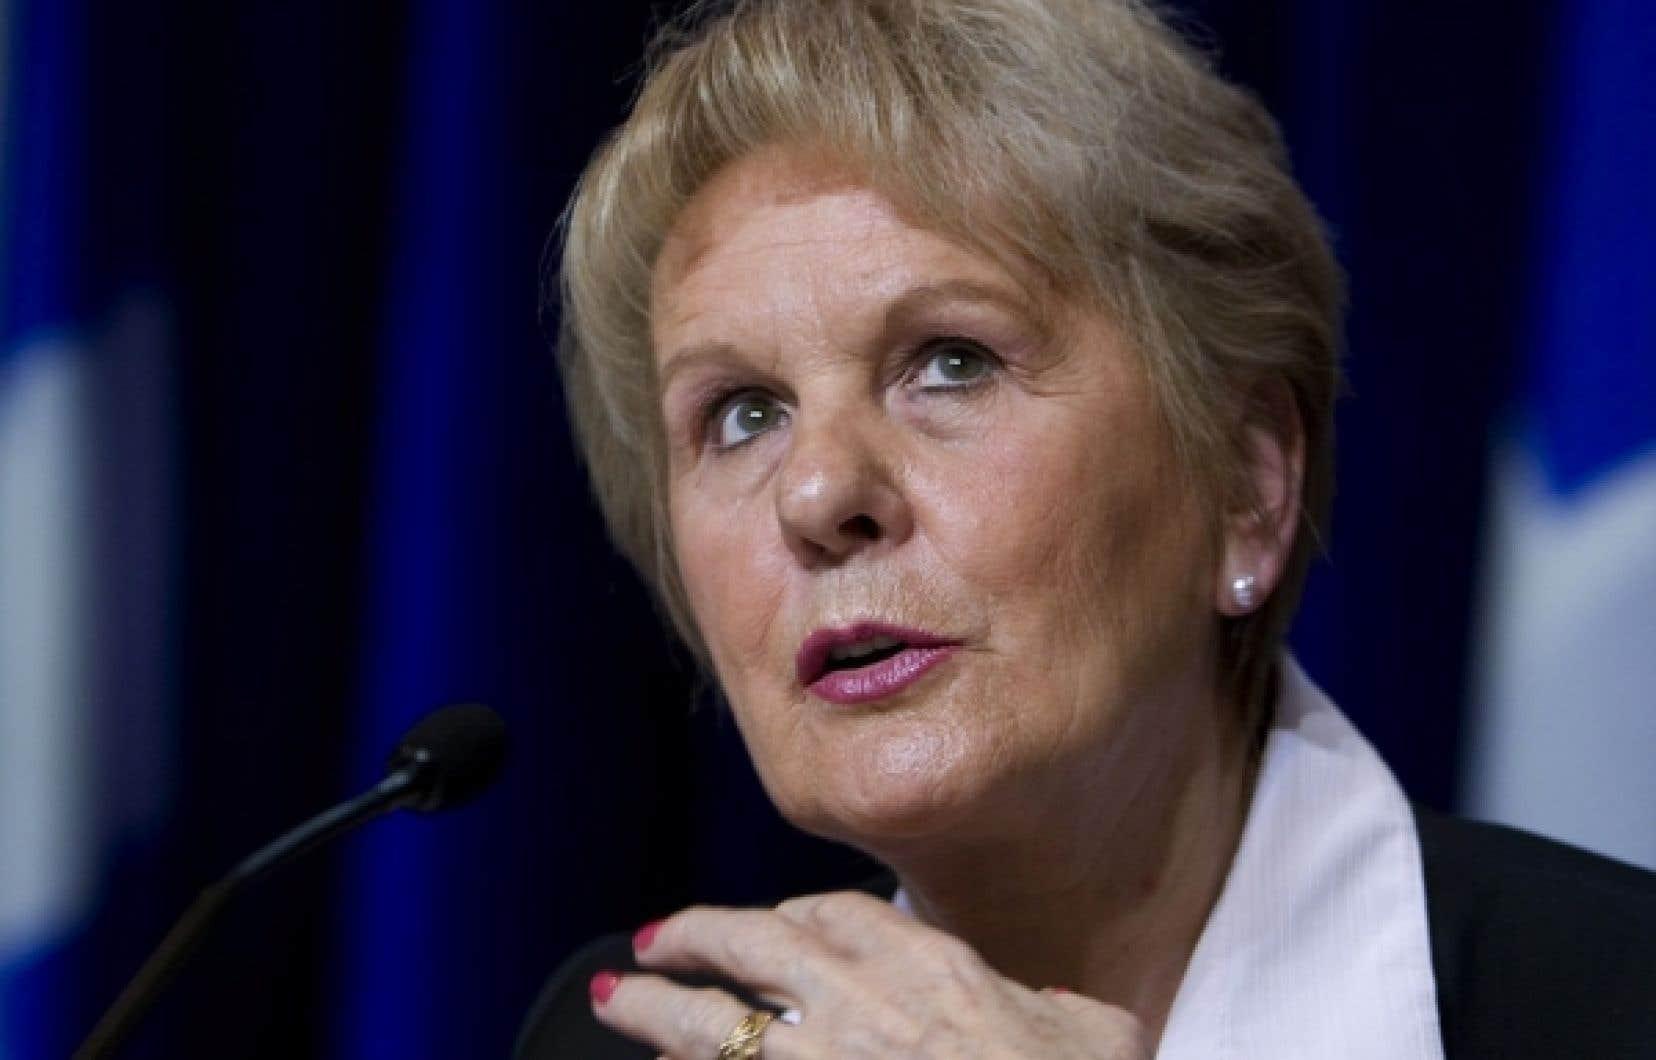 Monique Gagnon-Tremblay achève actuellement son septième mandat à l'Assemblée nationale, ayant été élue sans interruption depuis 1985.